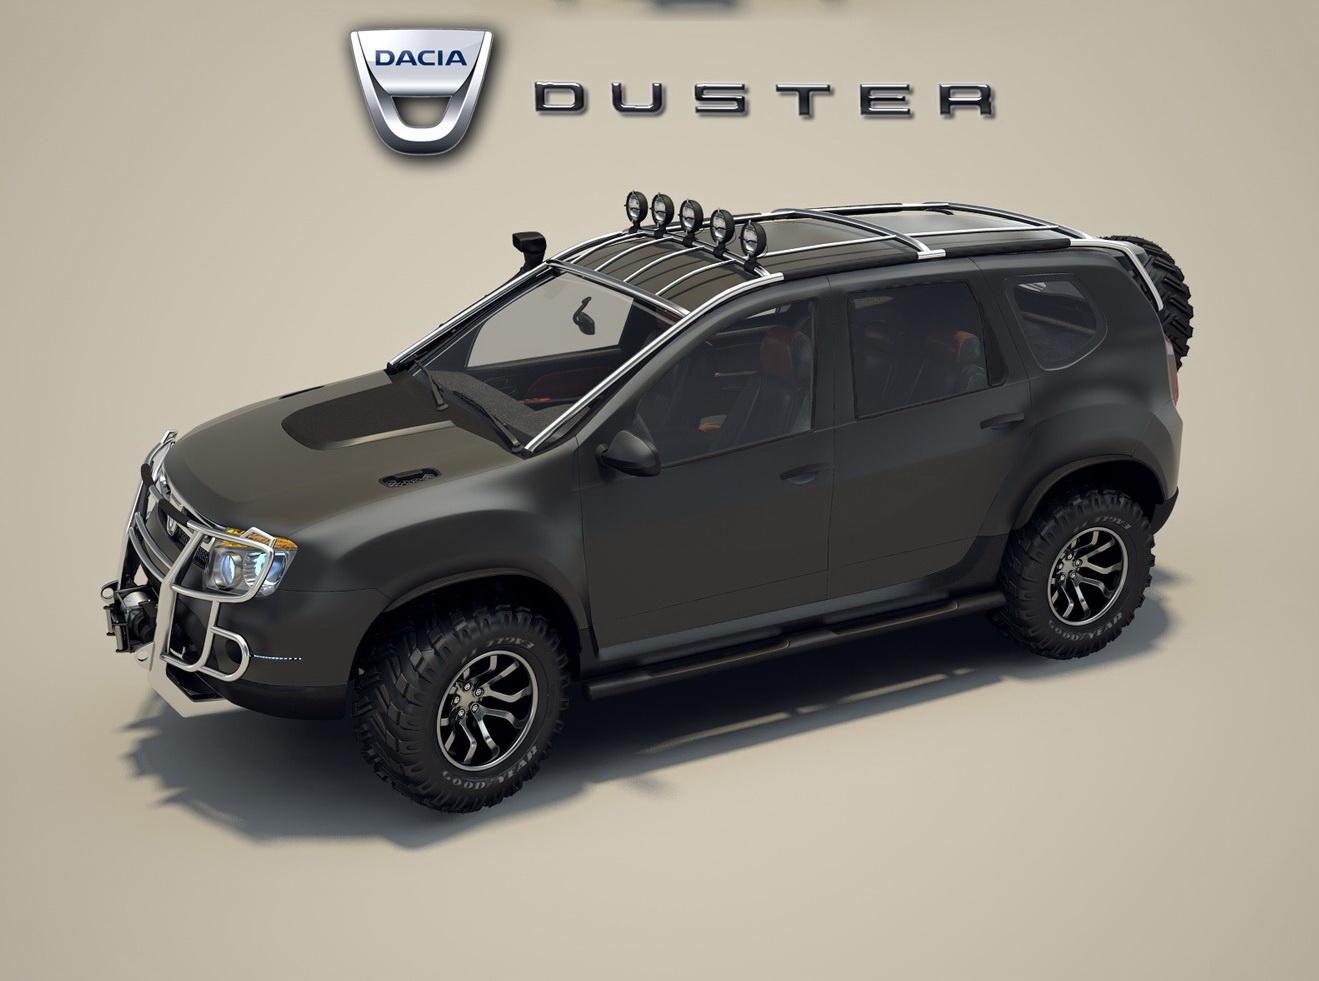 Poze Virtual Tuning Dacia Duster De Teren 235495